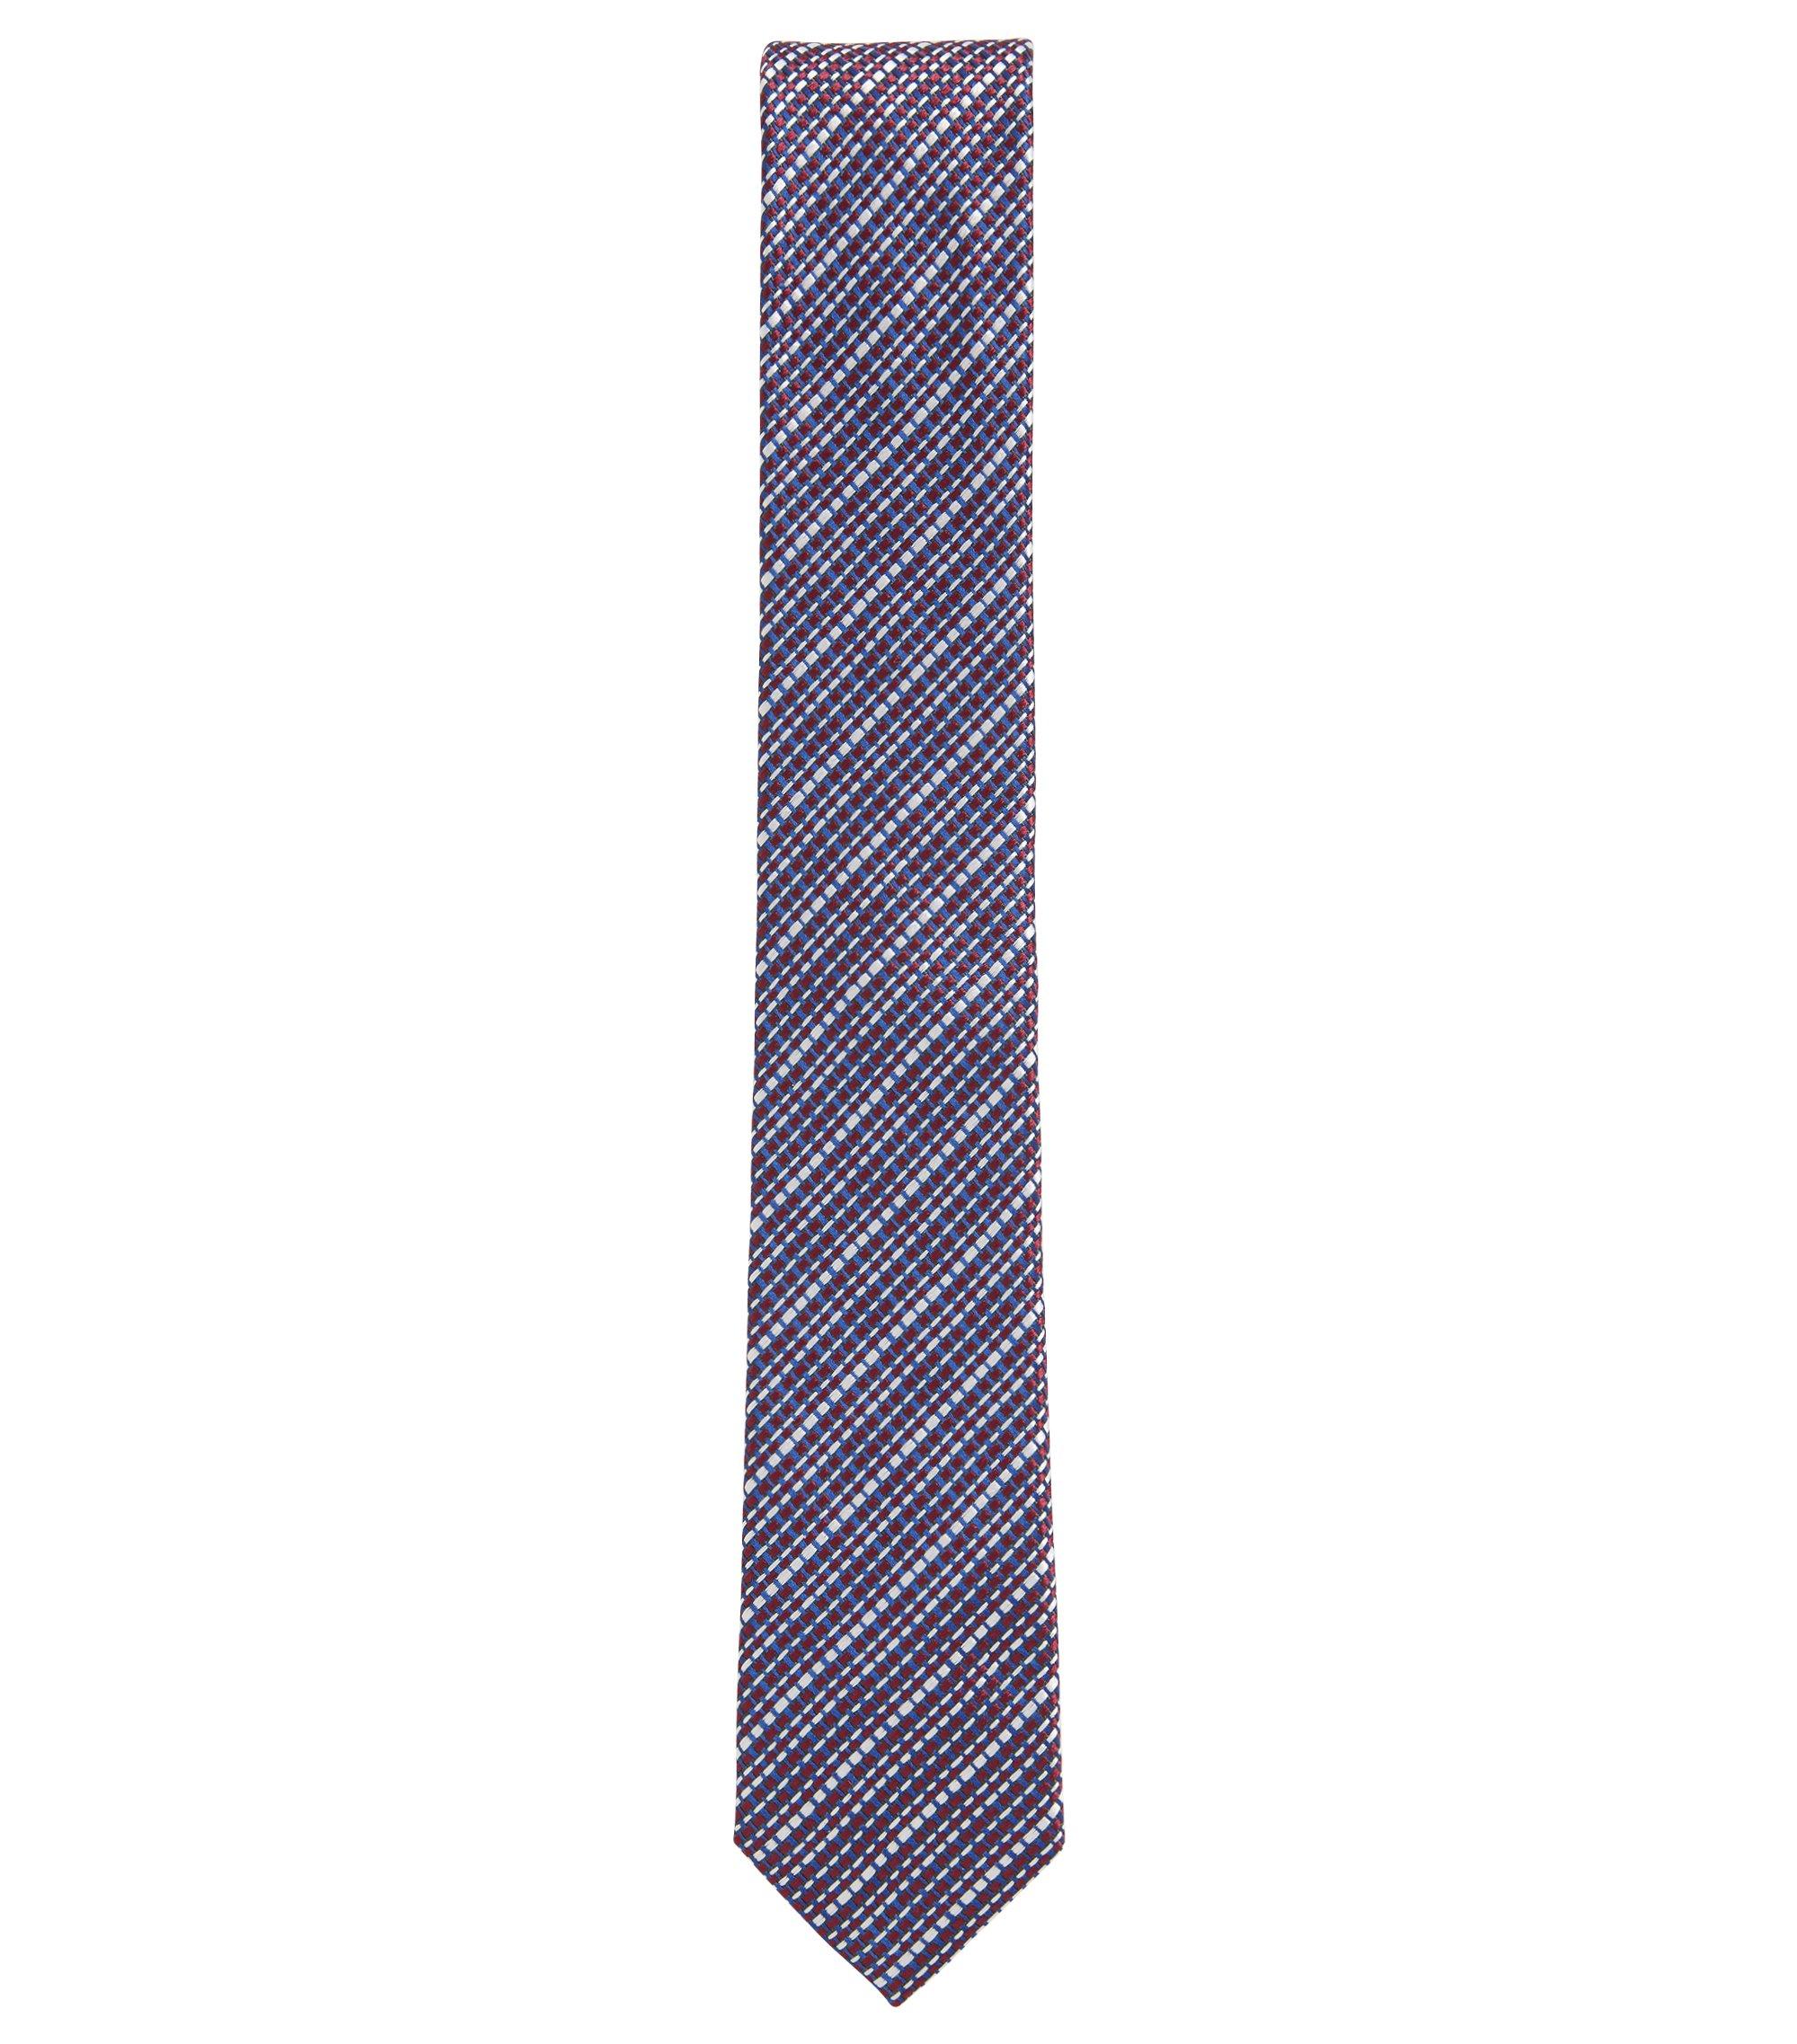 Cravate en jacquard de soie texturé confectionnée en Italie, Rouge